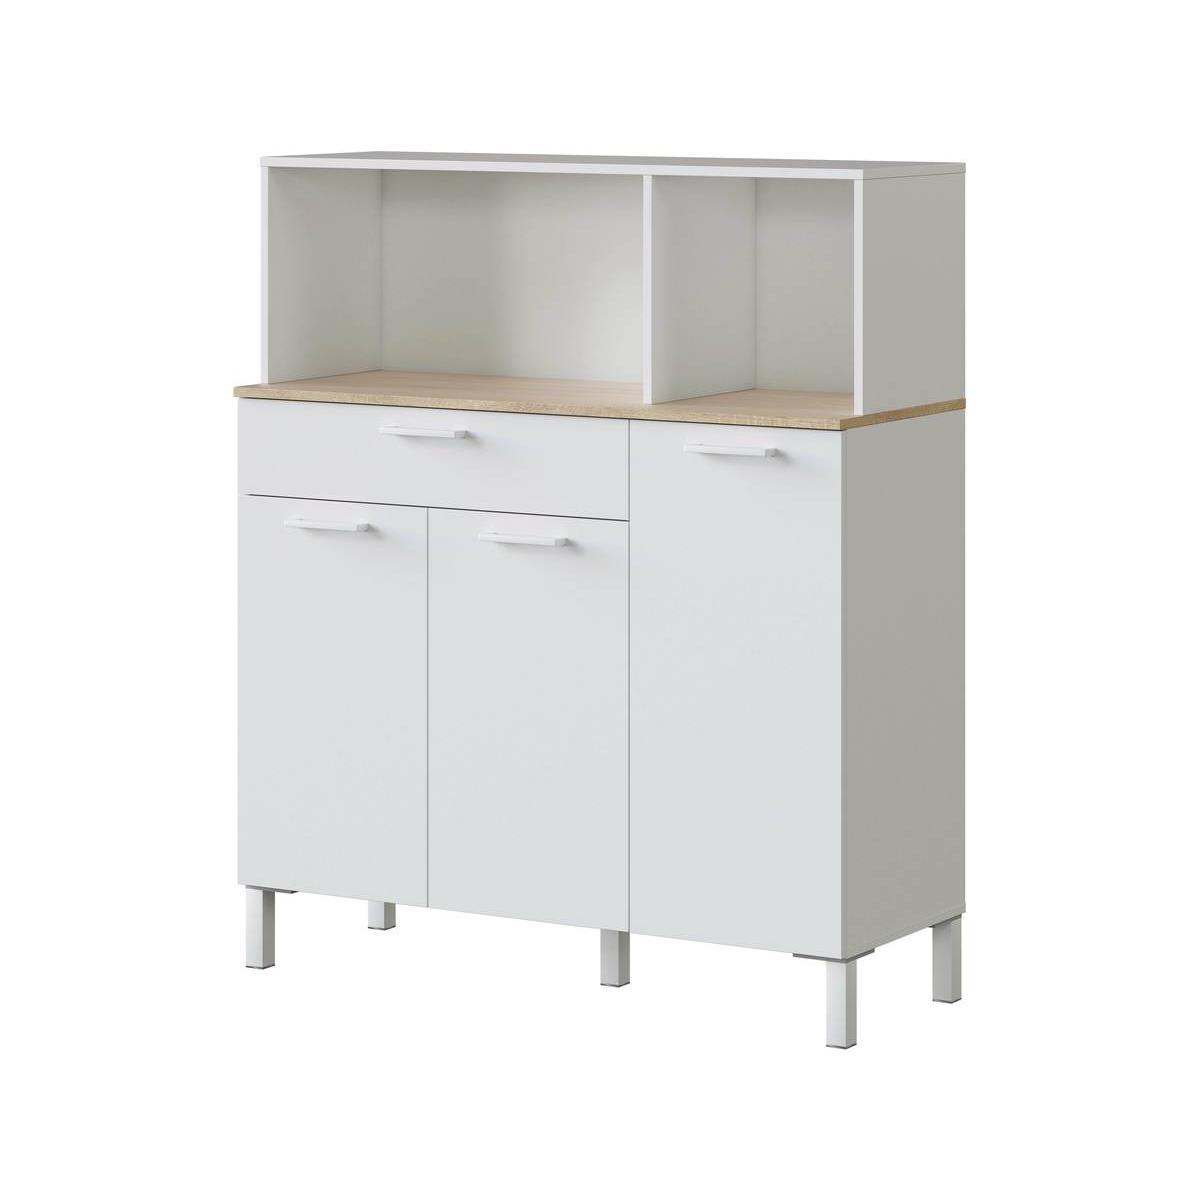 Habitat Et Jardin Buffet de cuisine Kira - 3 portes + 1 tiroir - 126 x 108 x 40 cm - Blanc